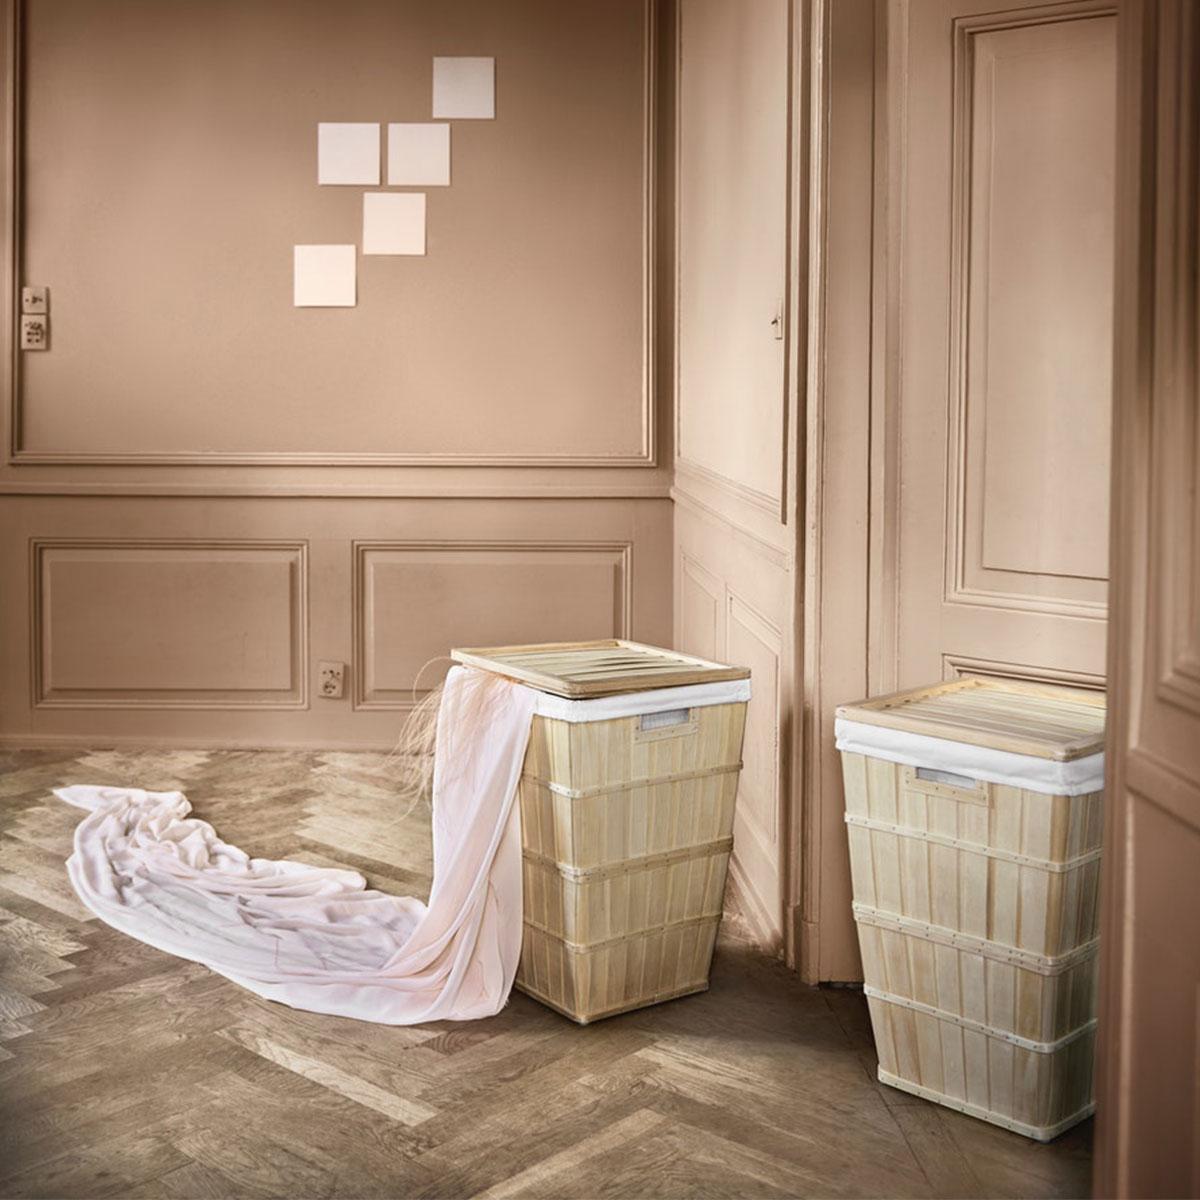 Due ceste per bucato in legno, dotate di coperchio e fodera interna asportabile e lavabile - IKEA